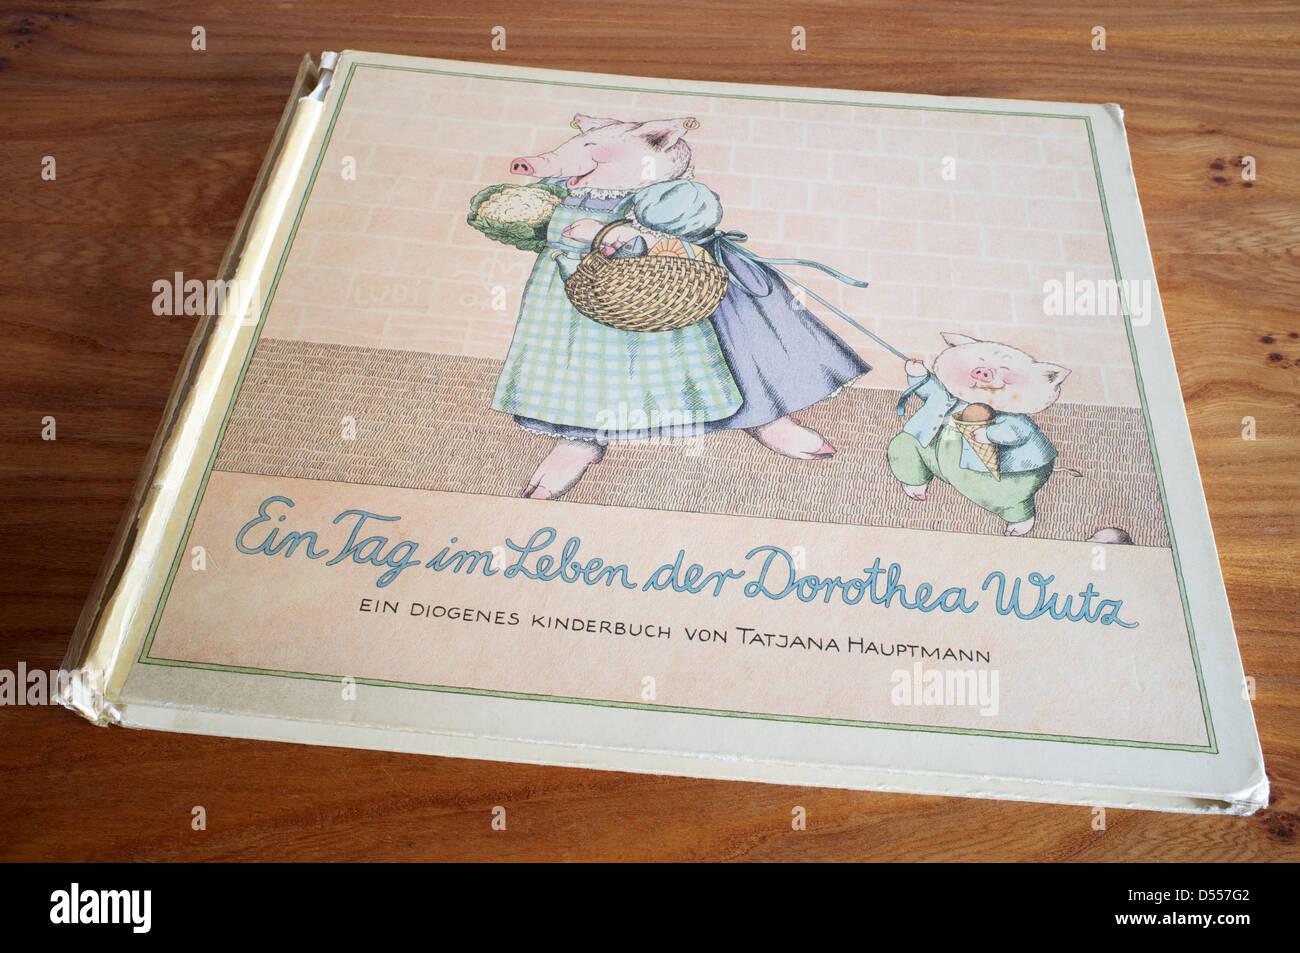 Ein Tag im Leben der Dorothea Wutz, illustrated children's book - Stock Image